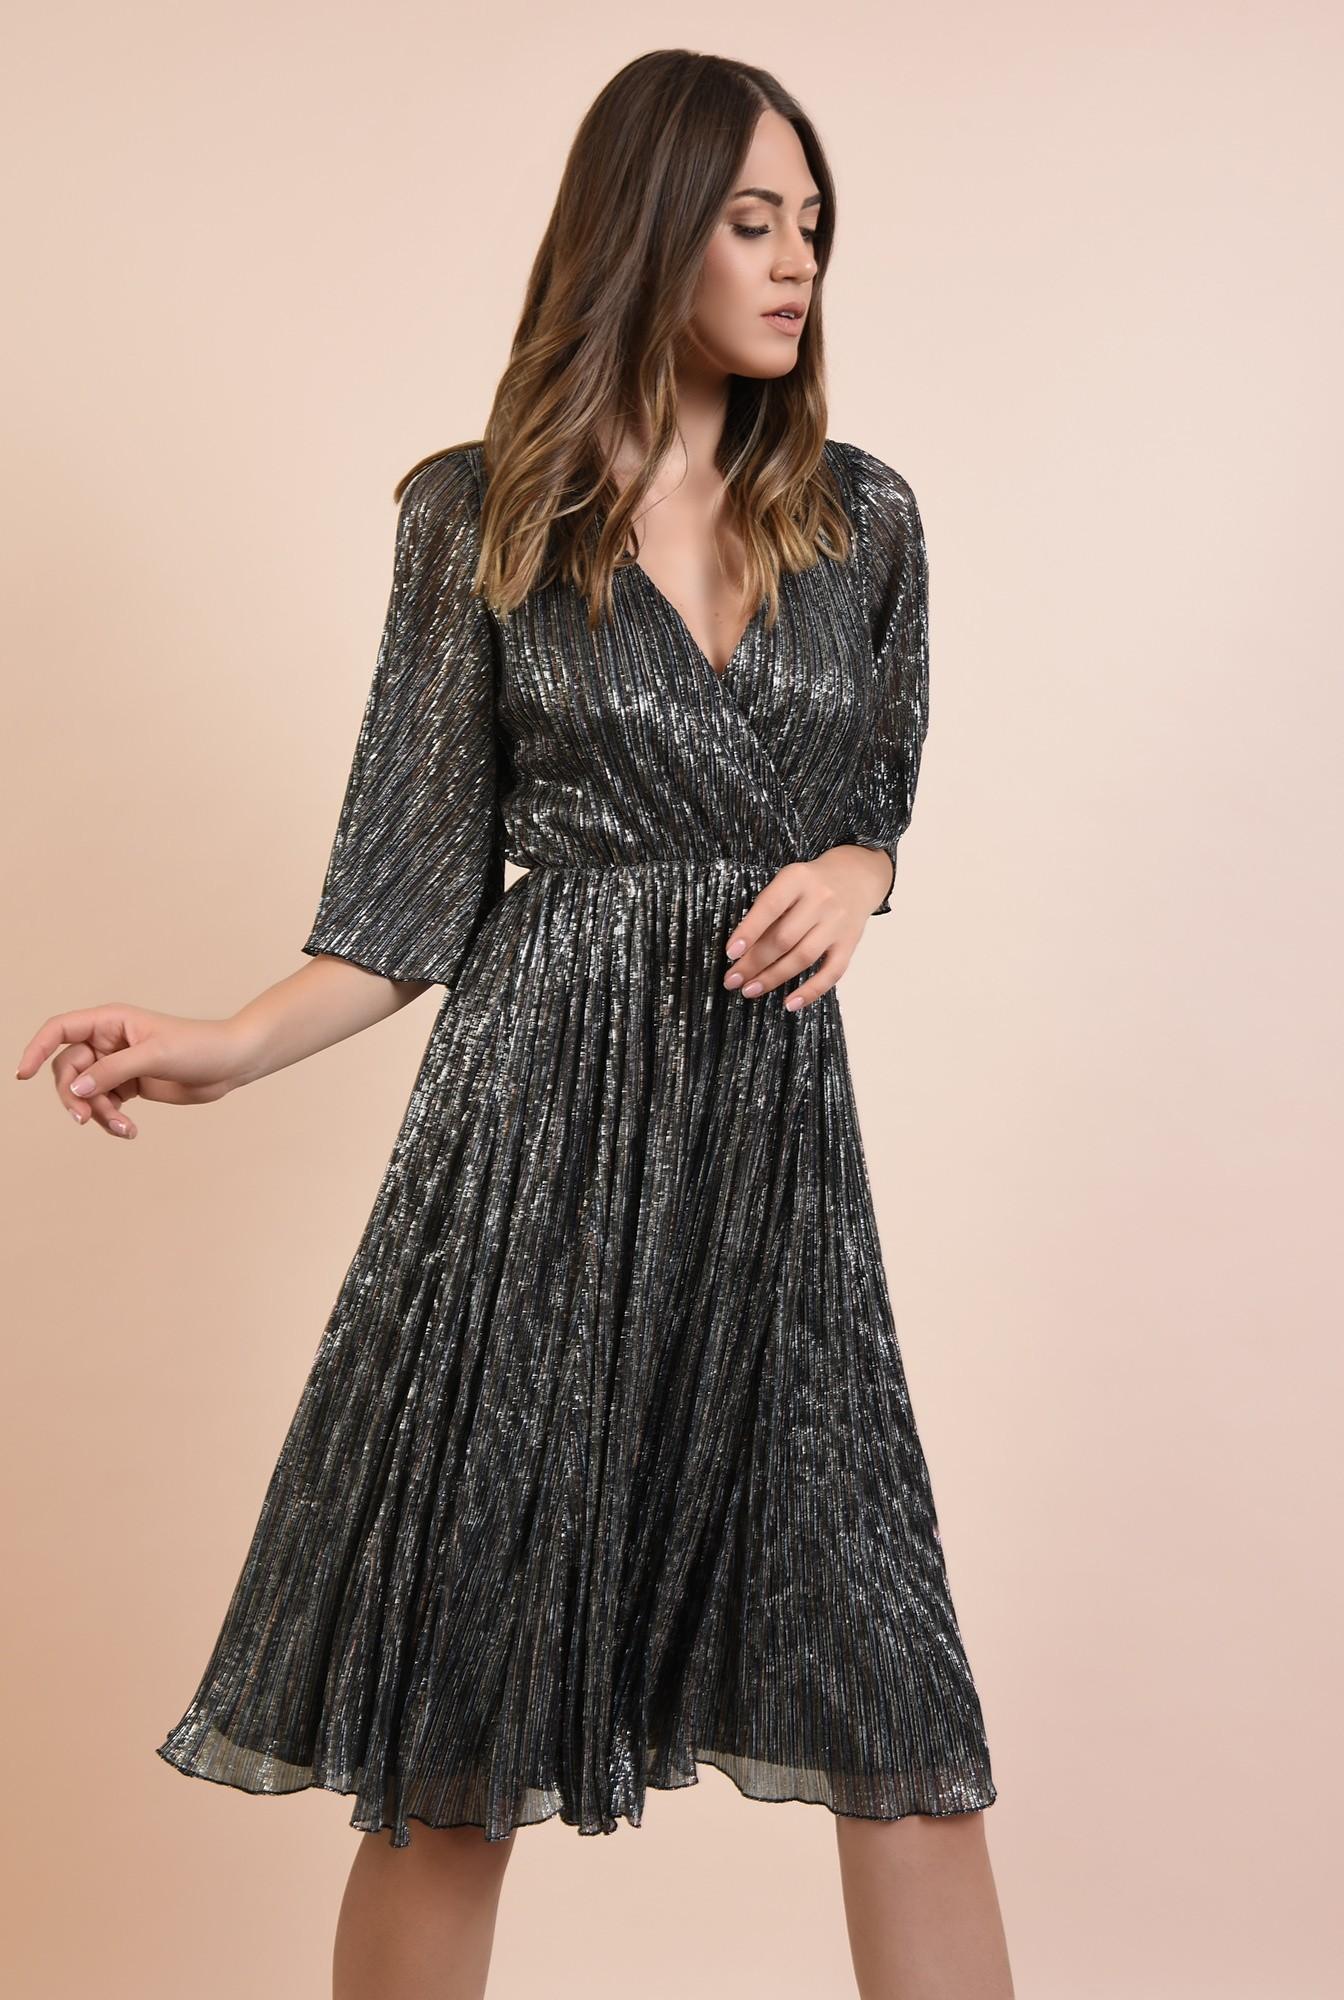 2 - rochie de ocazie, din lurex, fir metalic multicolor, maneci fluture, Poema